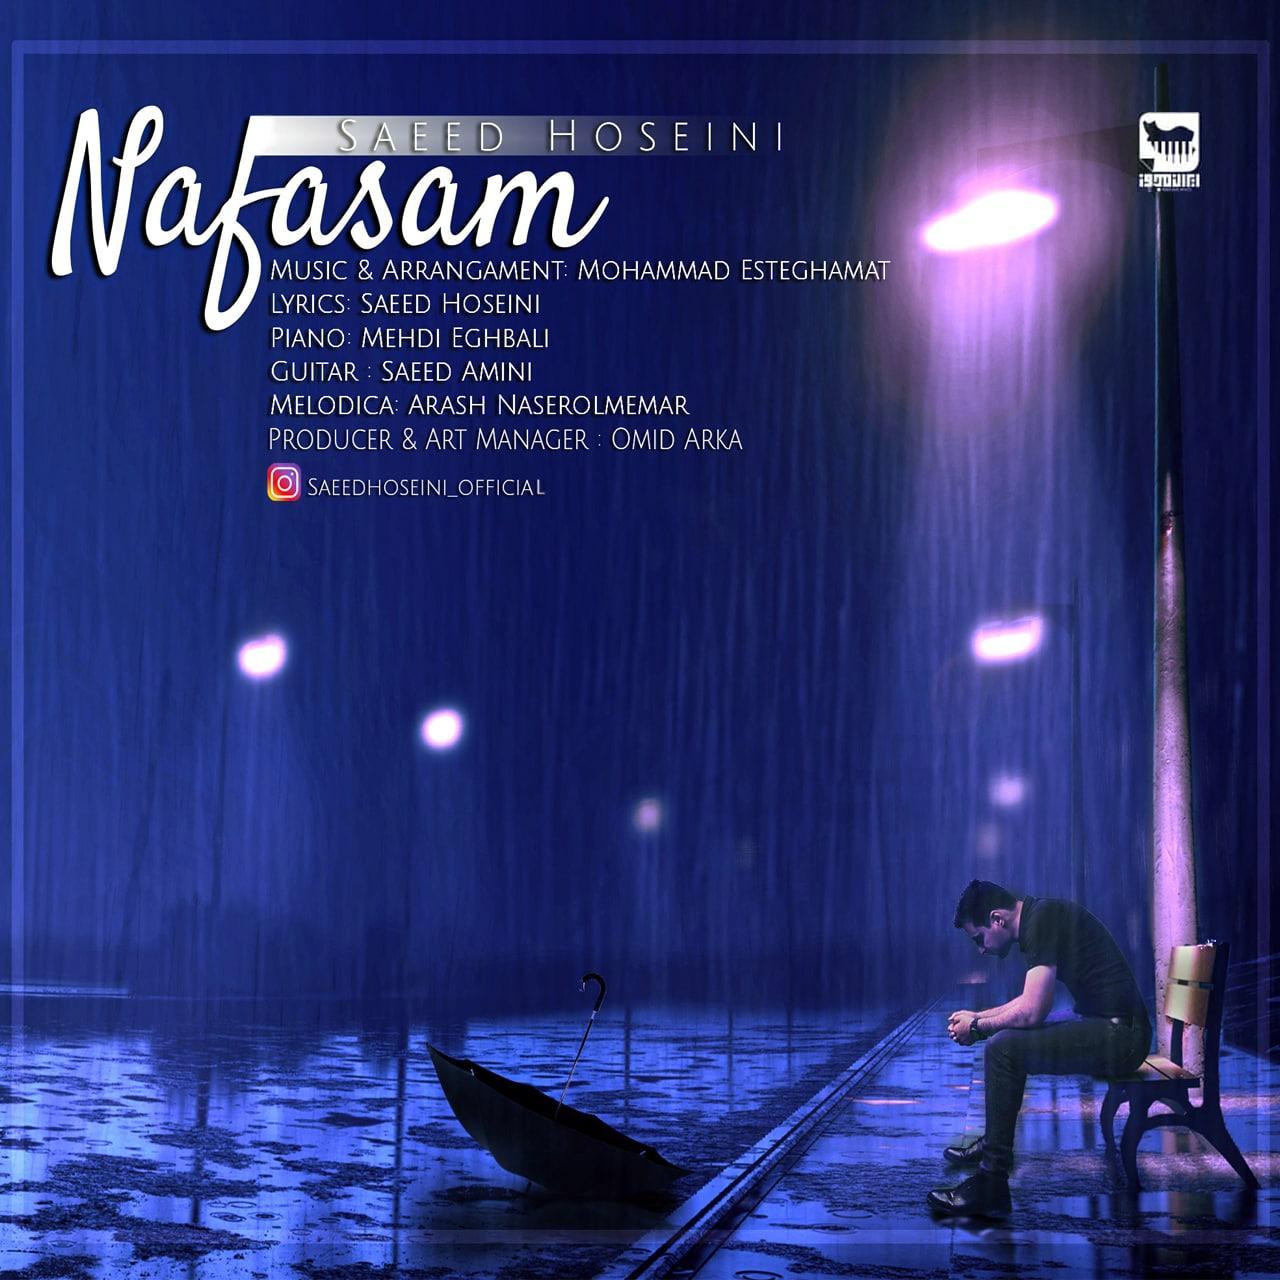 Saeed Hoseini – Nafasam